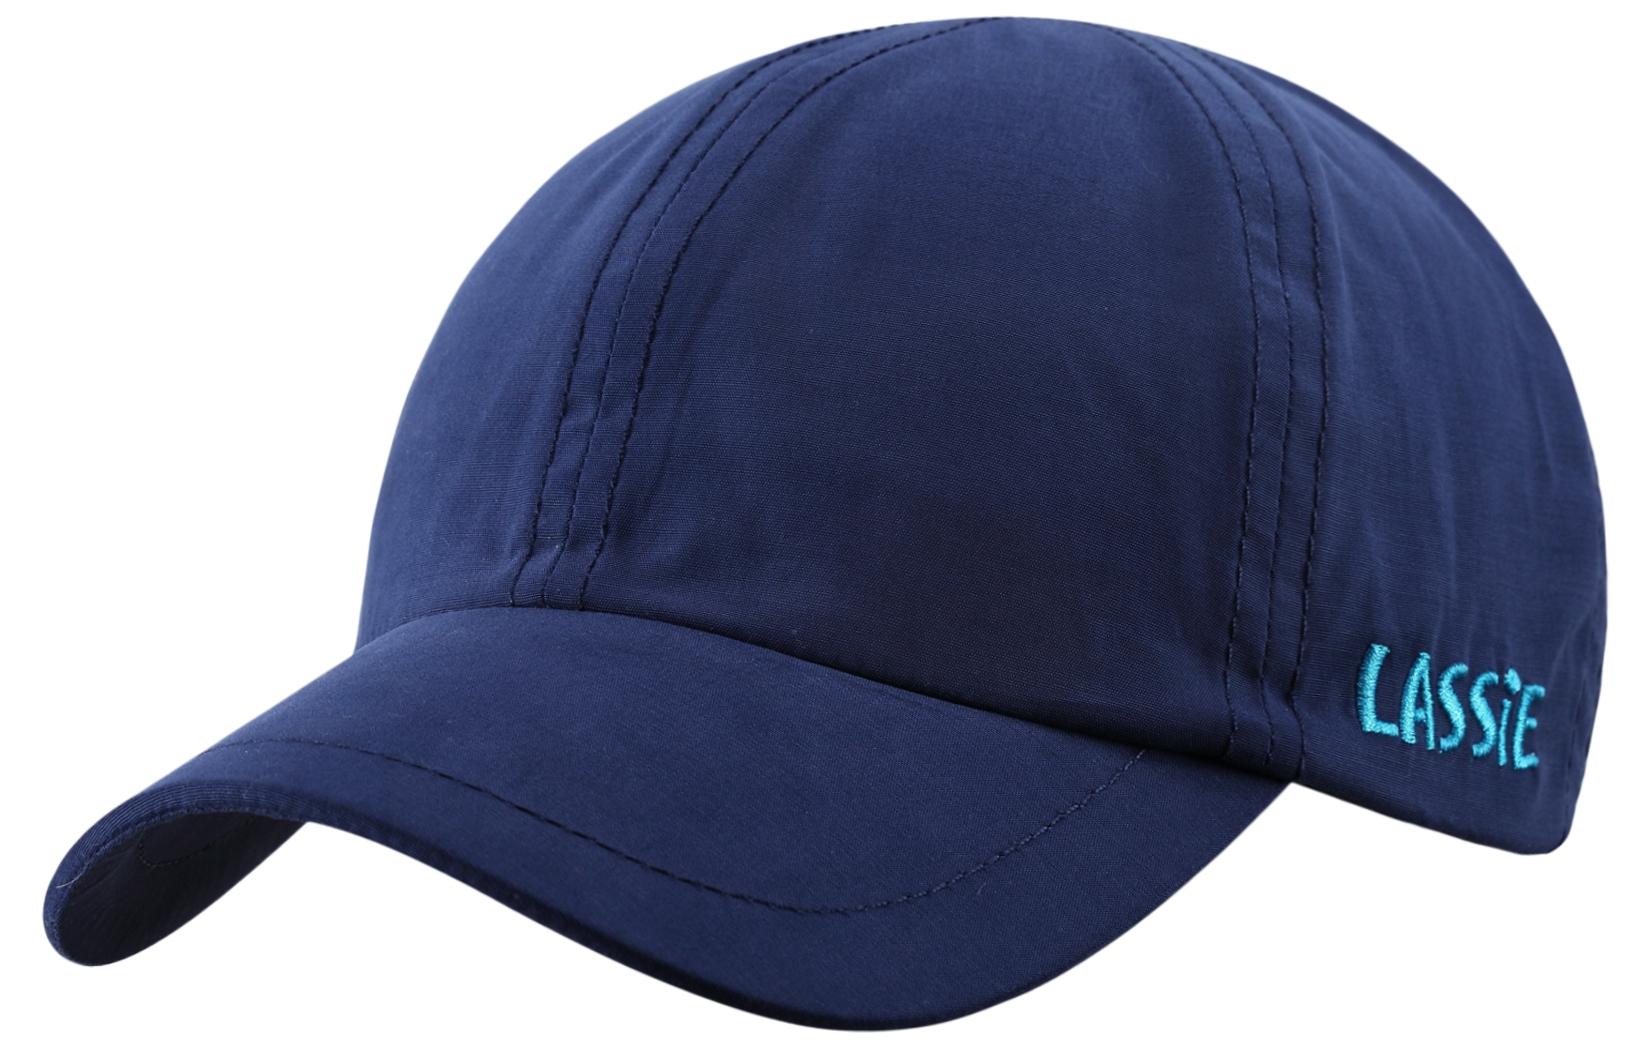 Купить Model, 1шт., Lassie 728661-6900, Китай, blue, Мужской